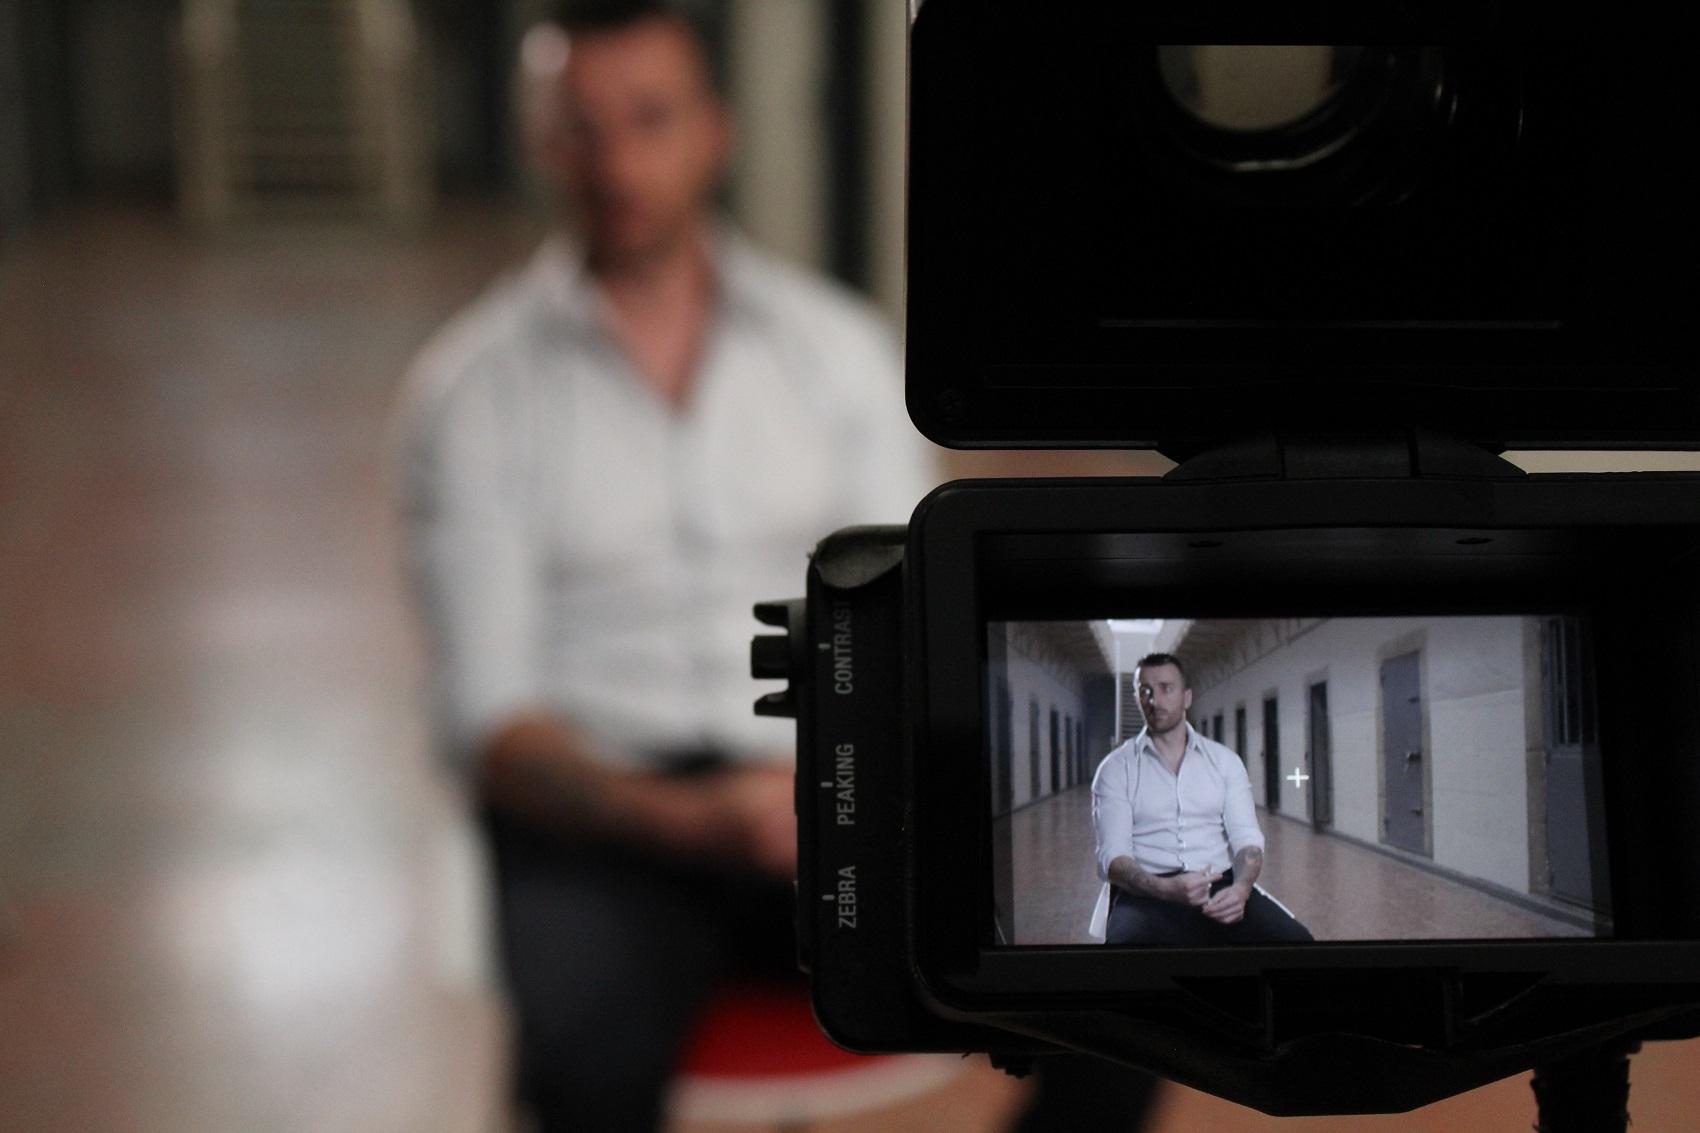 Yo Fui Un Asesino El Crimen De La Catana Avance Del Segundo Capítulo Televisión El País